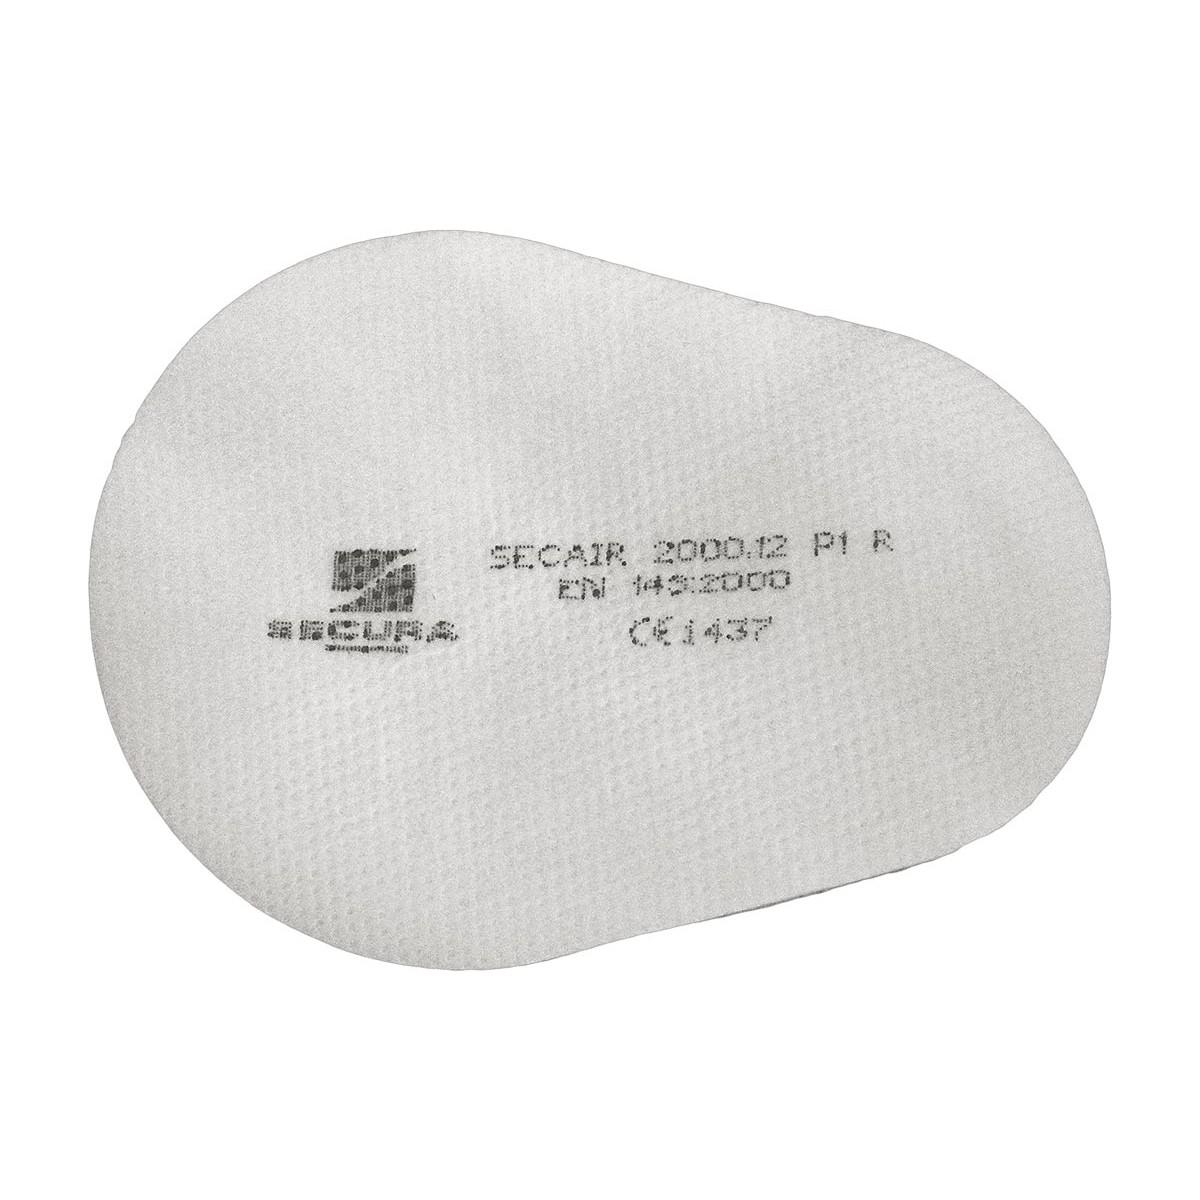 Filtr SECURA SECAIR 2000.12 P1 R 10 szt.